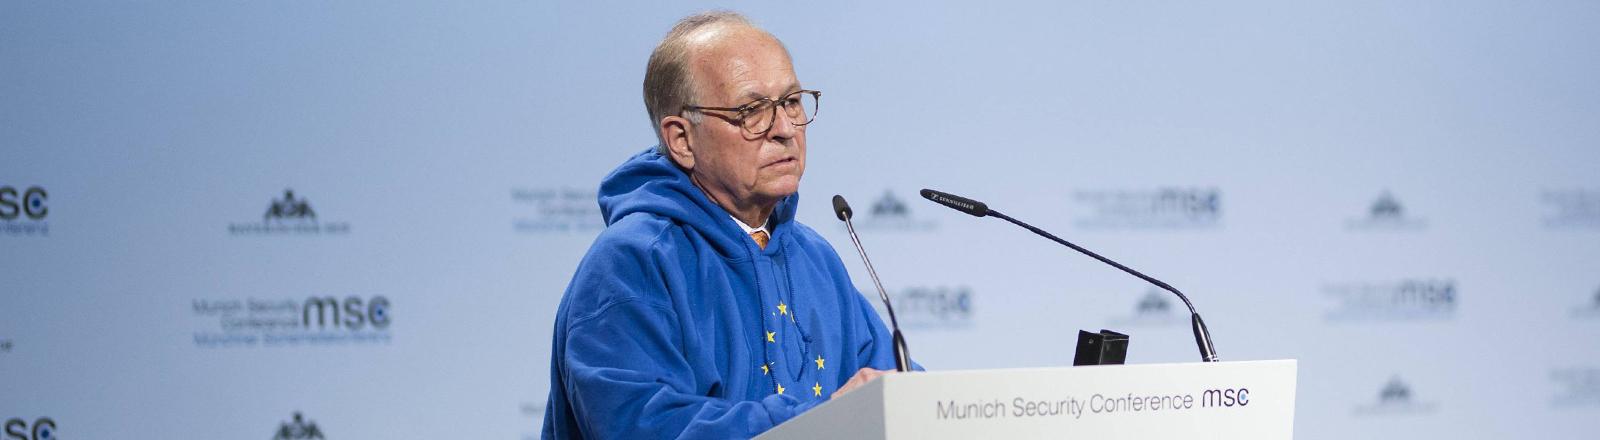 Wolfgang Ischinger, Gastgeber der Münchner Sicherheitskonferenz, im EU-Hoodie